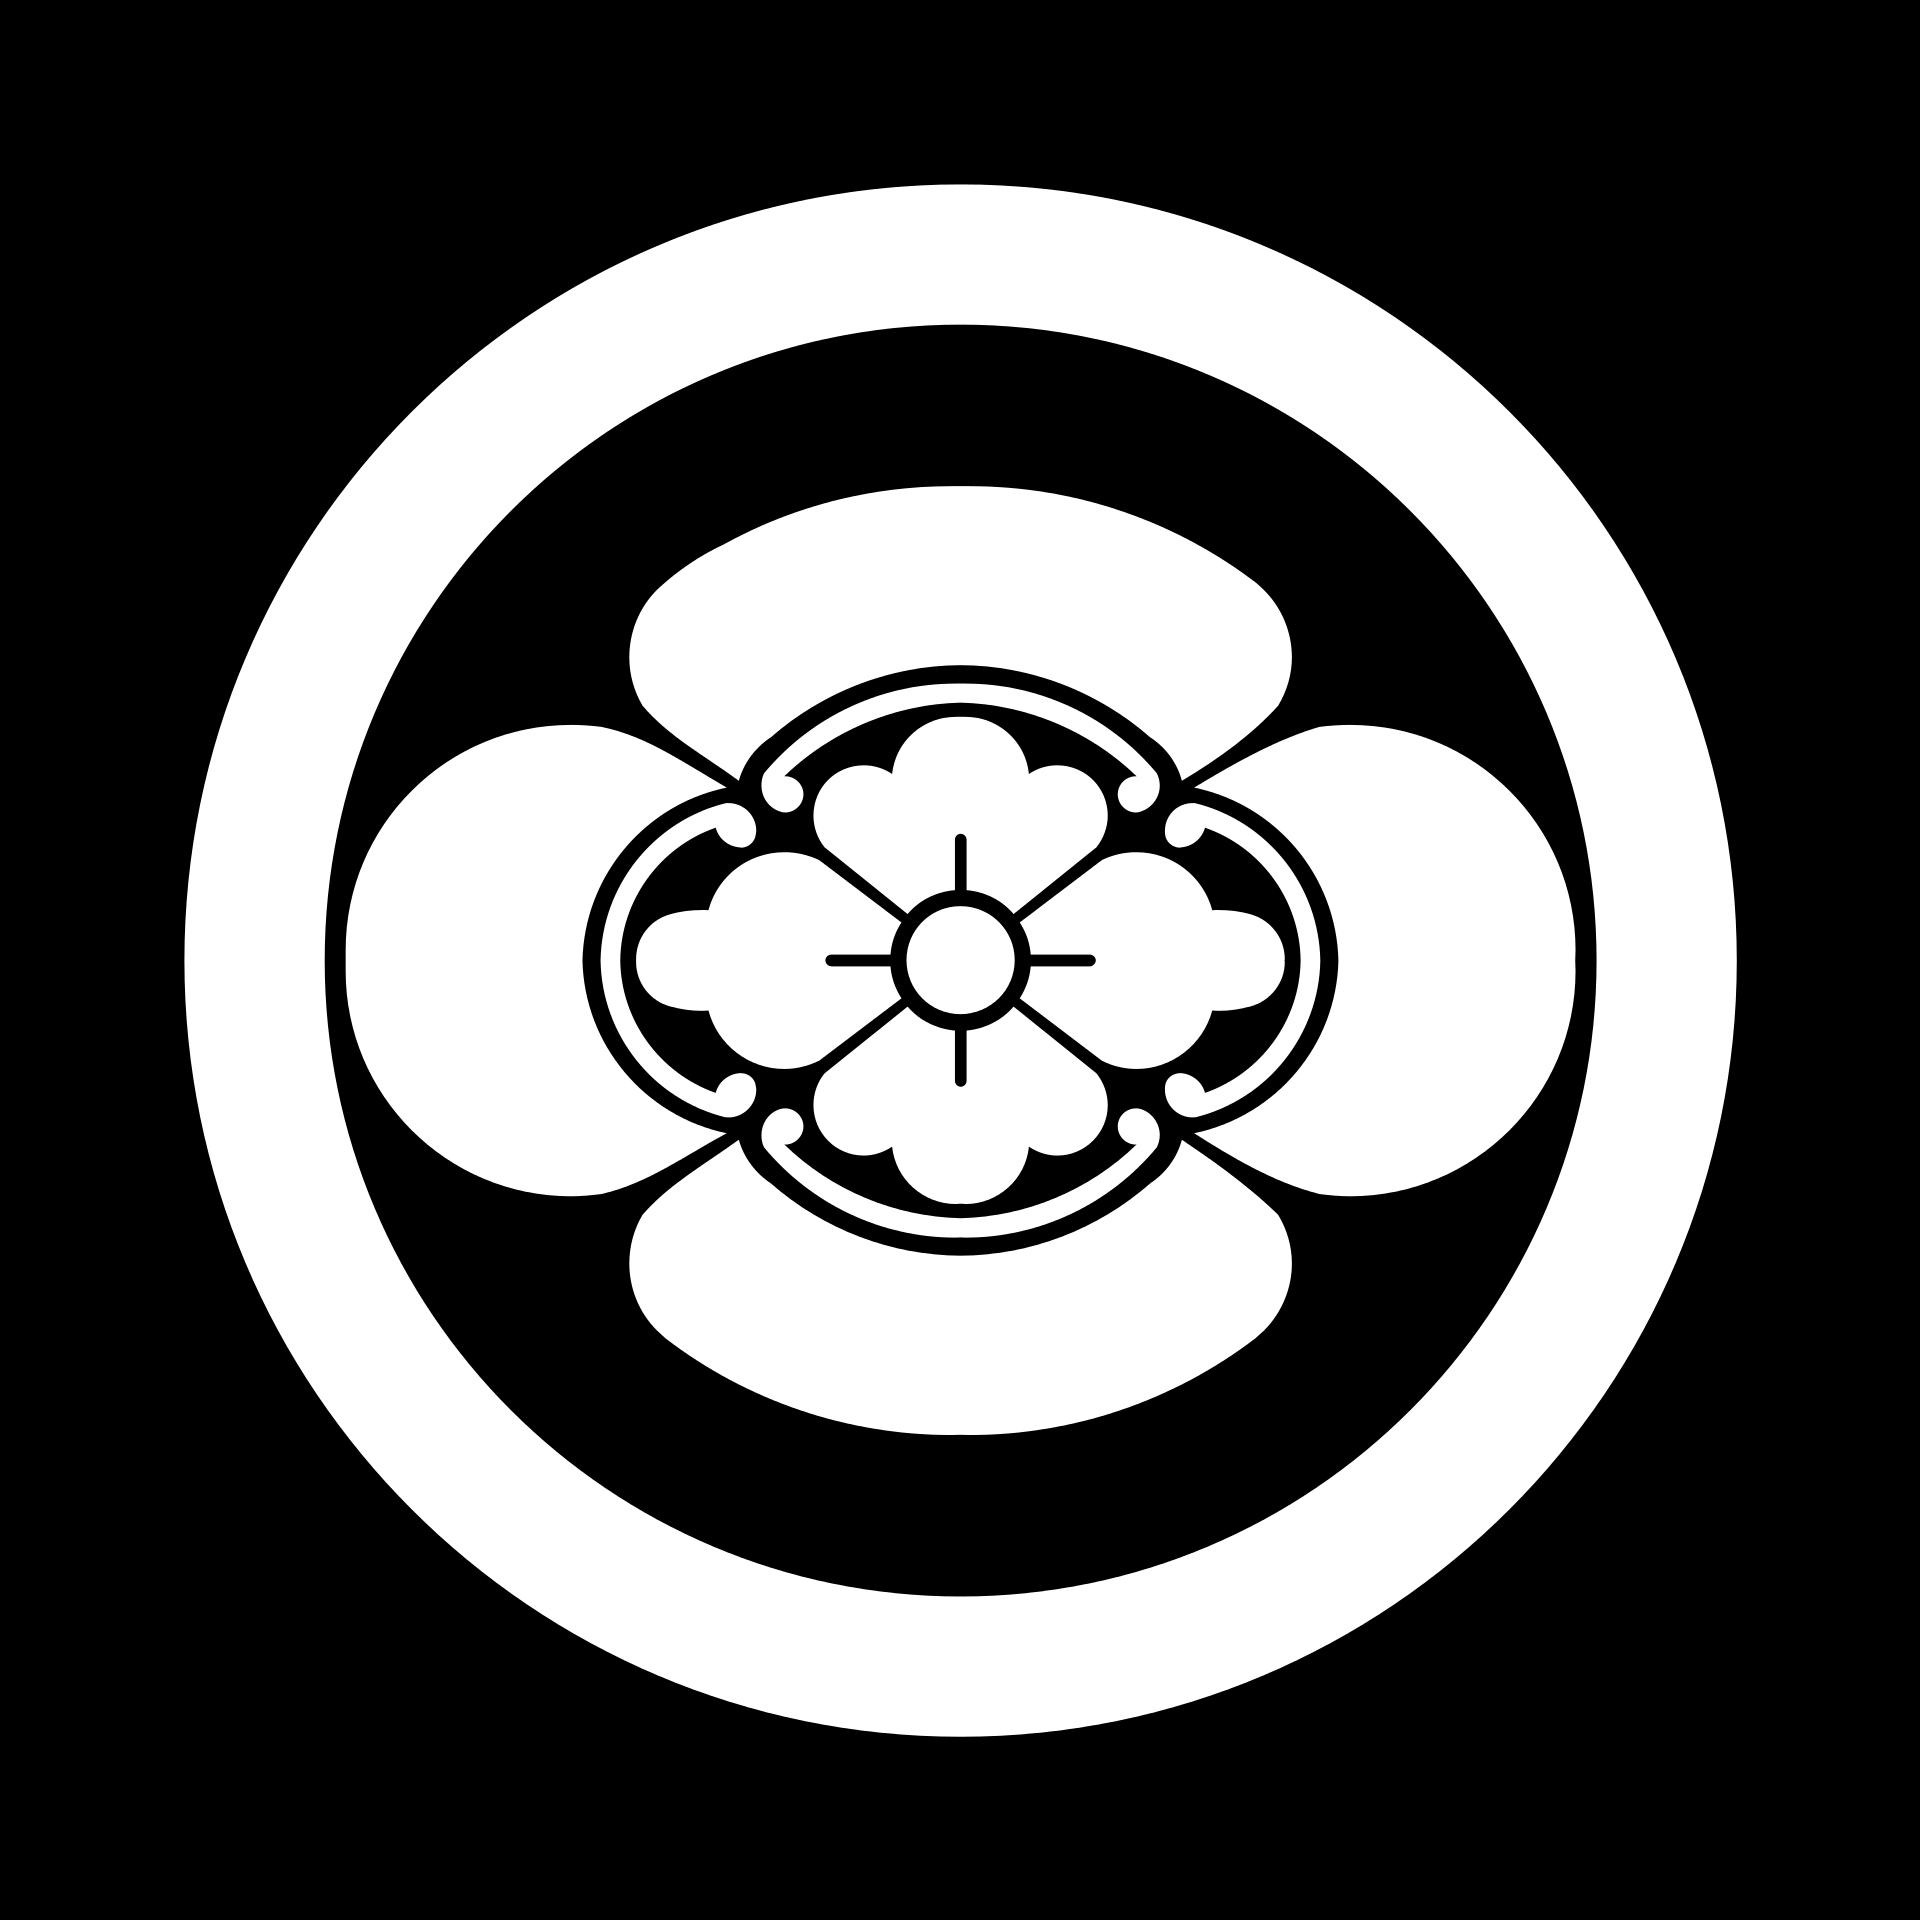 木瓜紋 Wikipedia